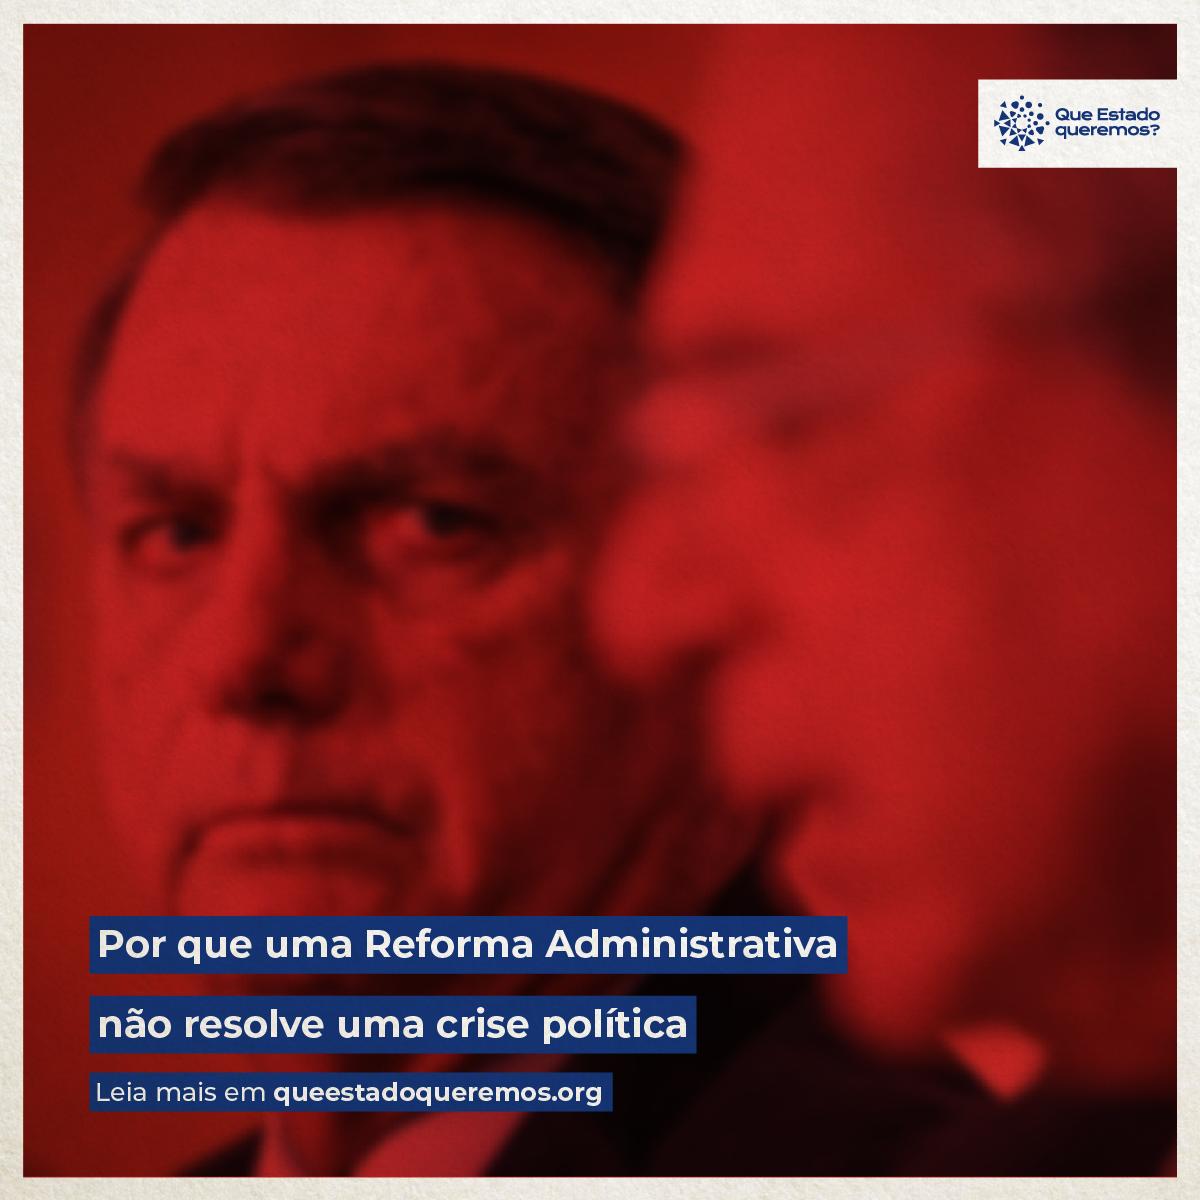 Por que uma reforma administrativa não resolve uma crise política